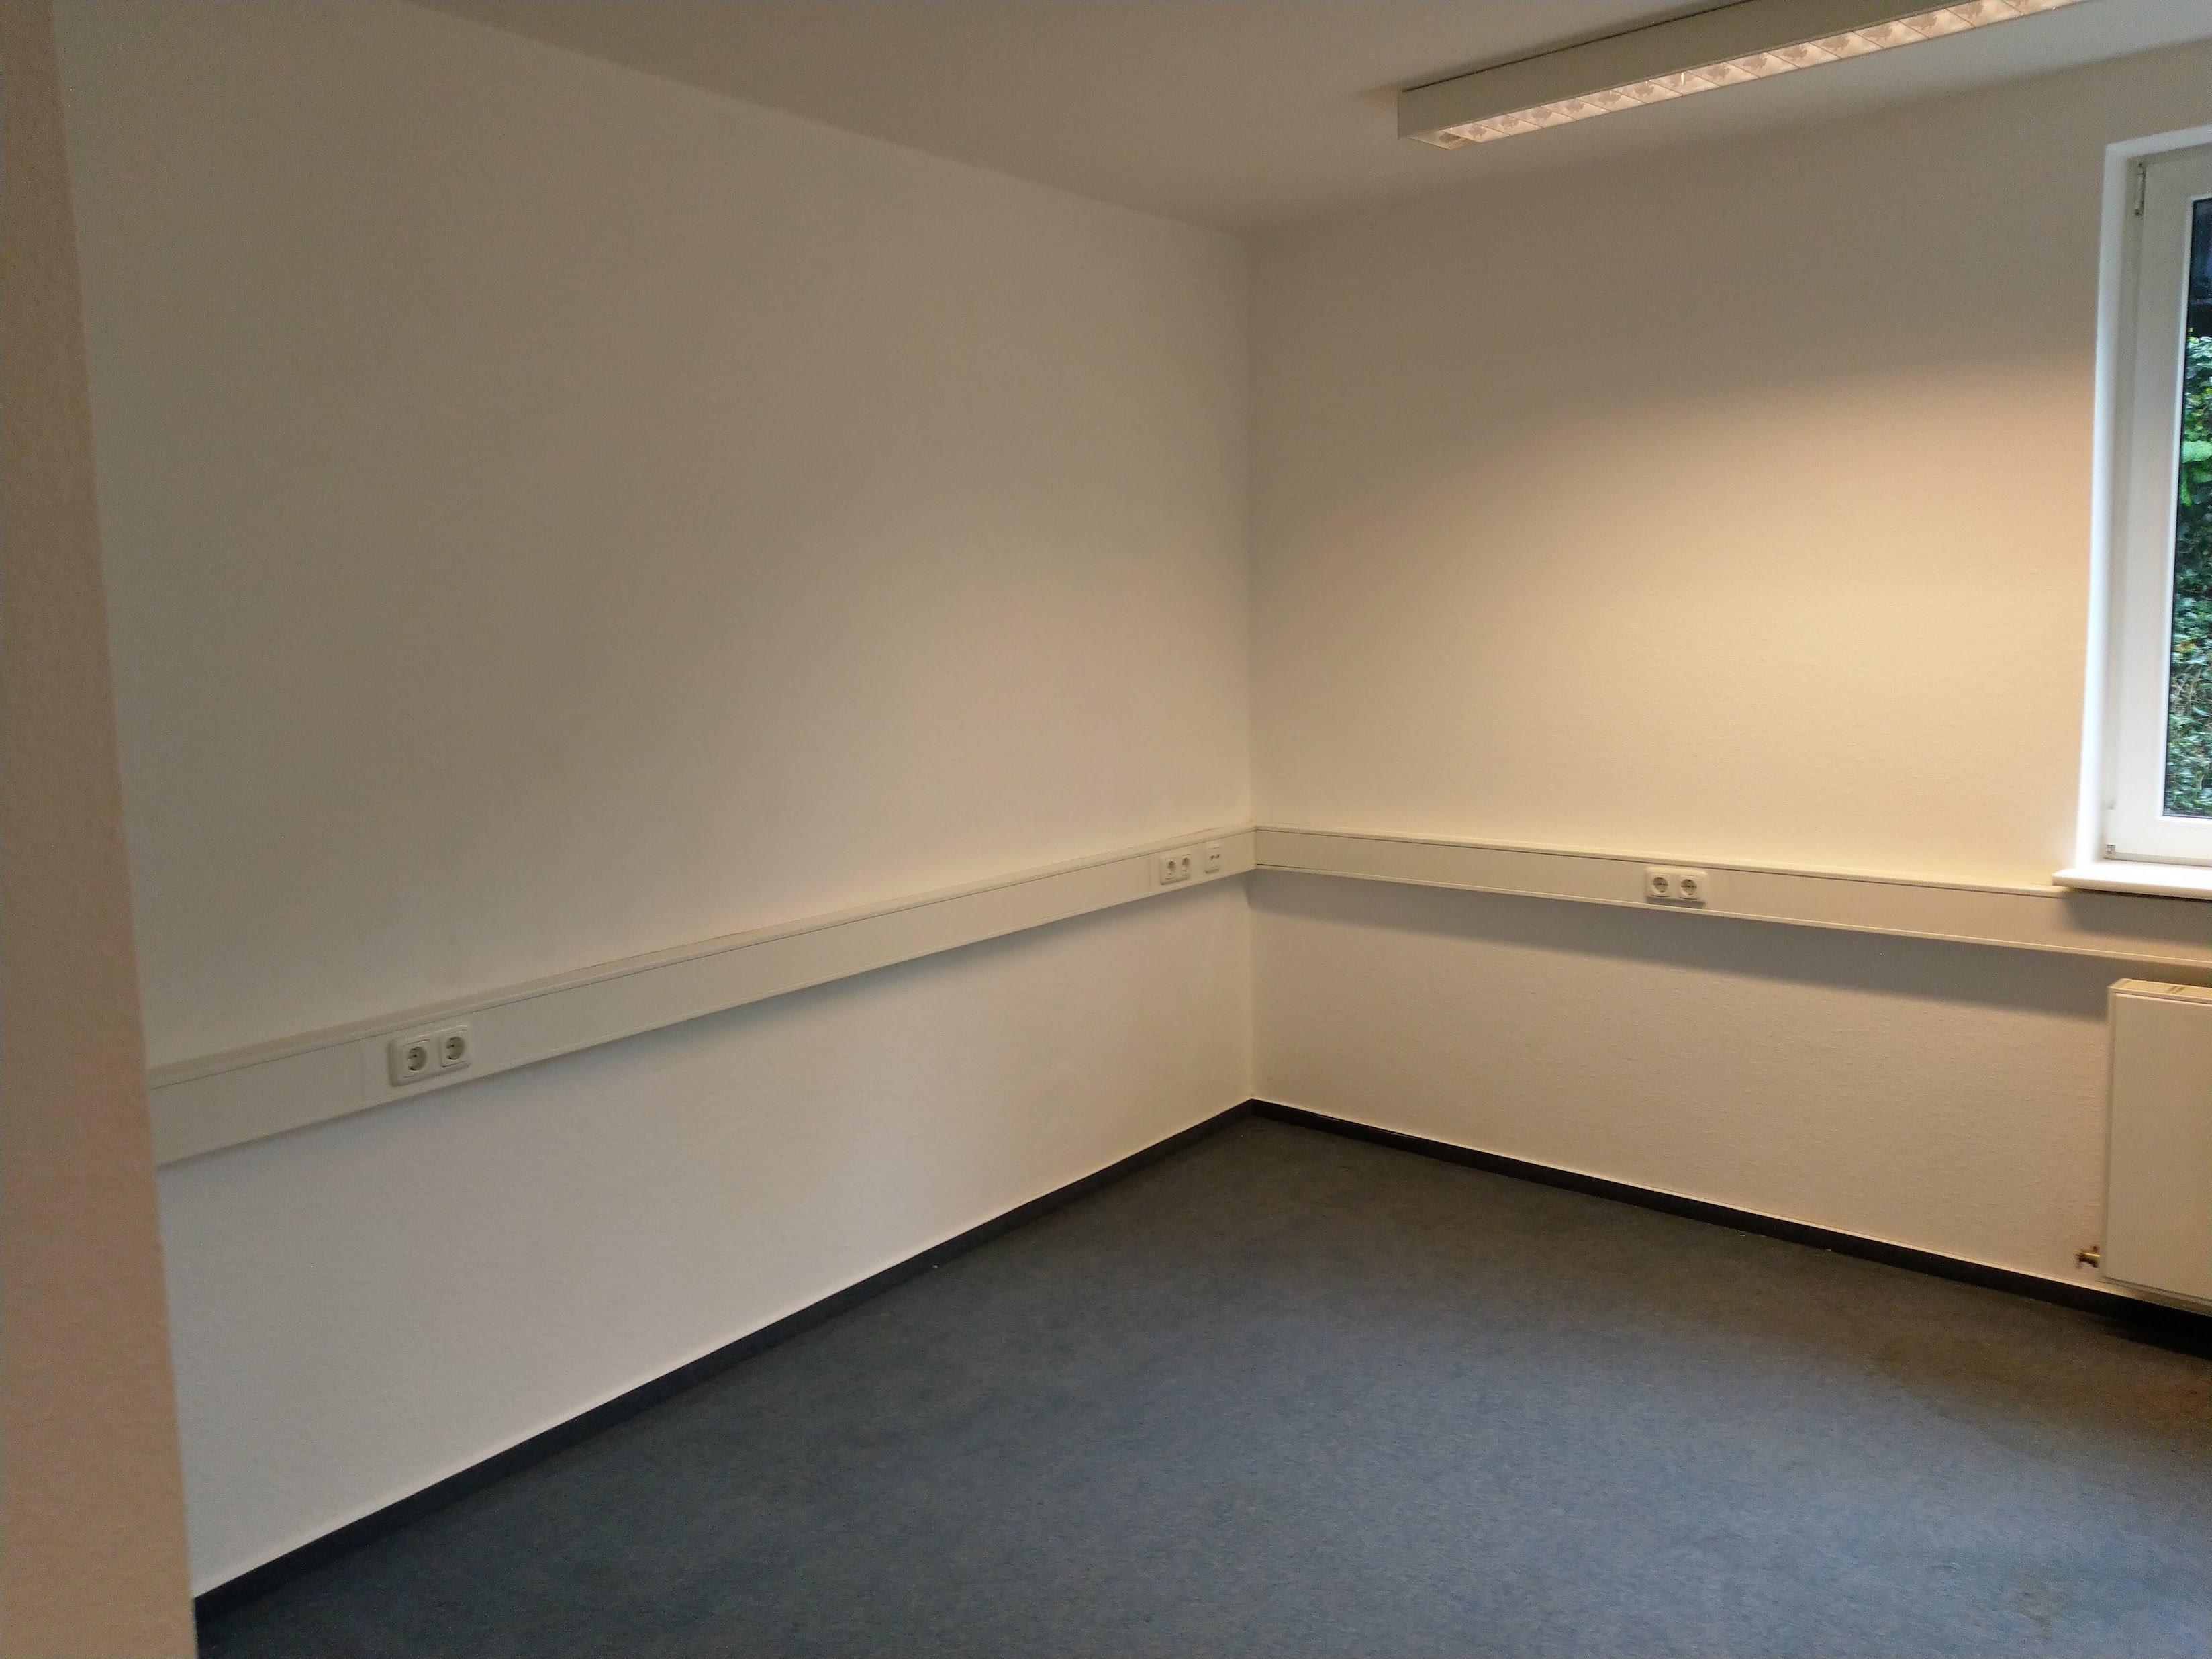 Bisher unbearbeitete Wand im Vortragsraum